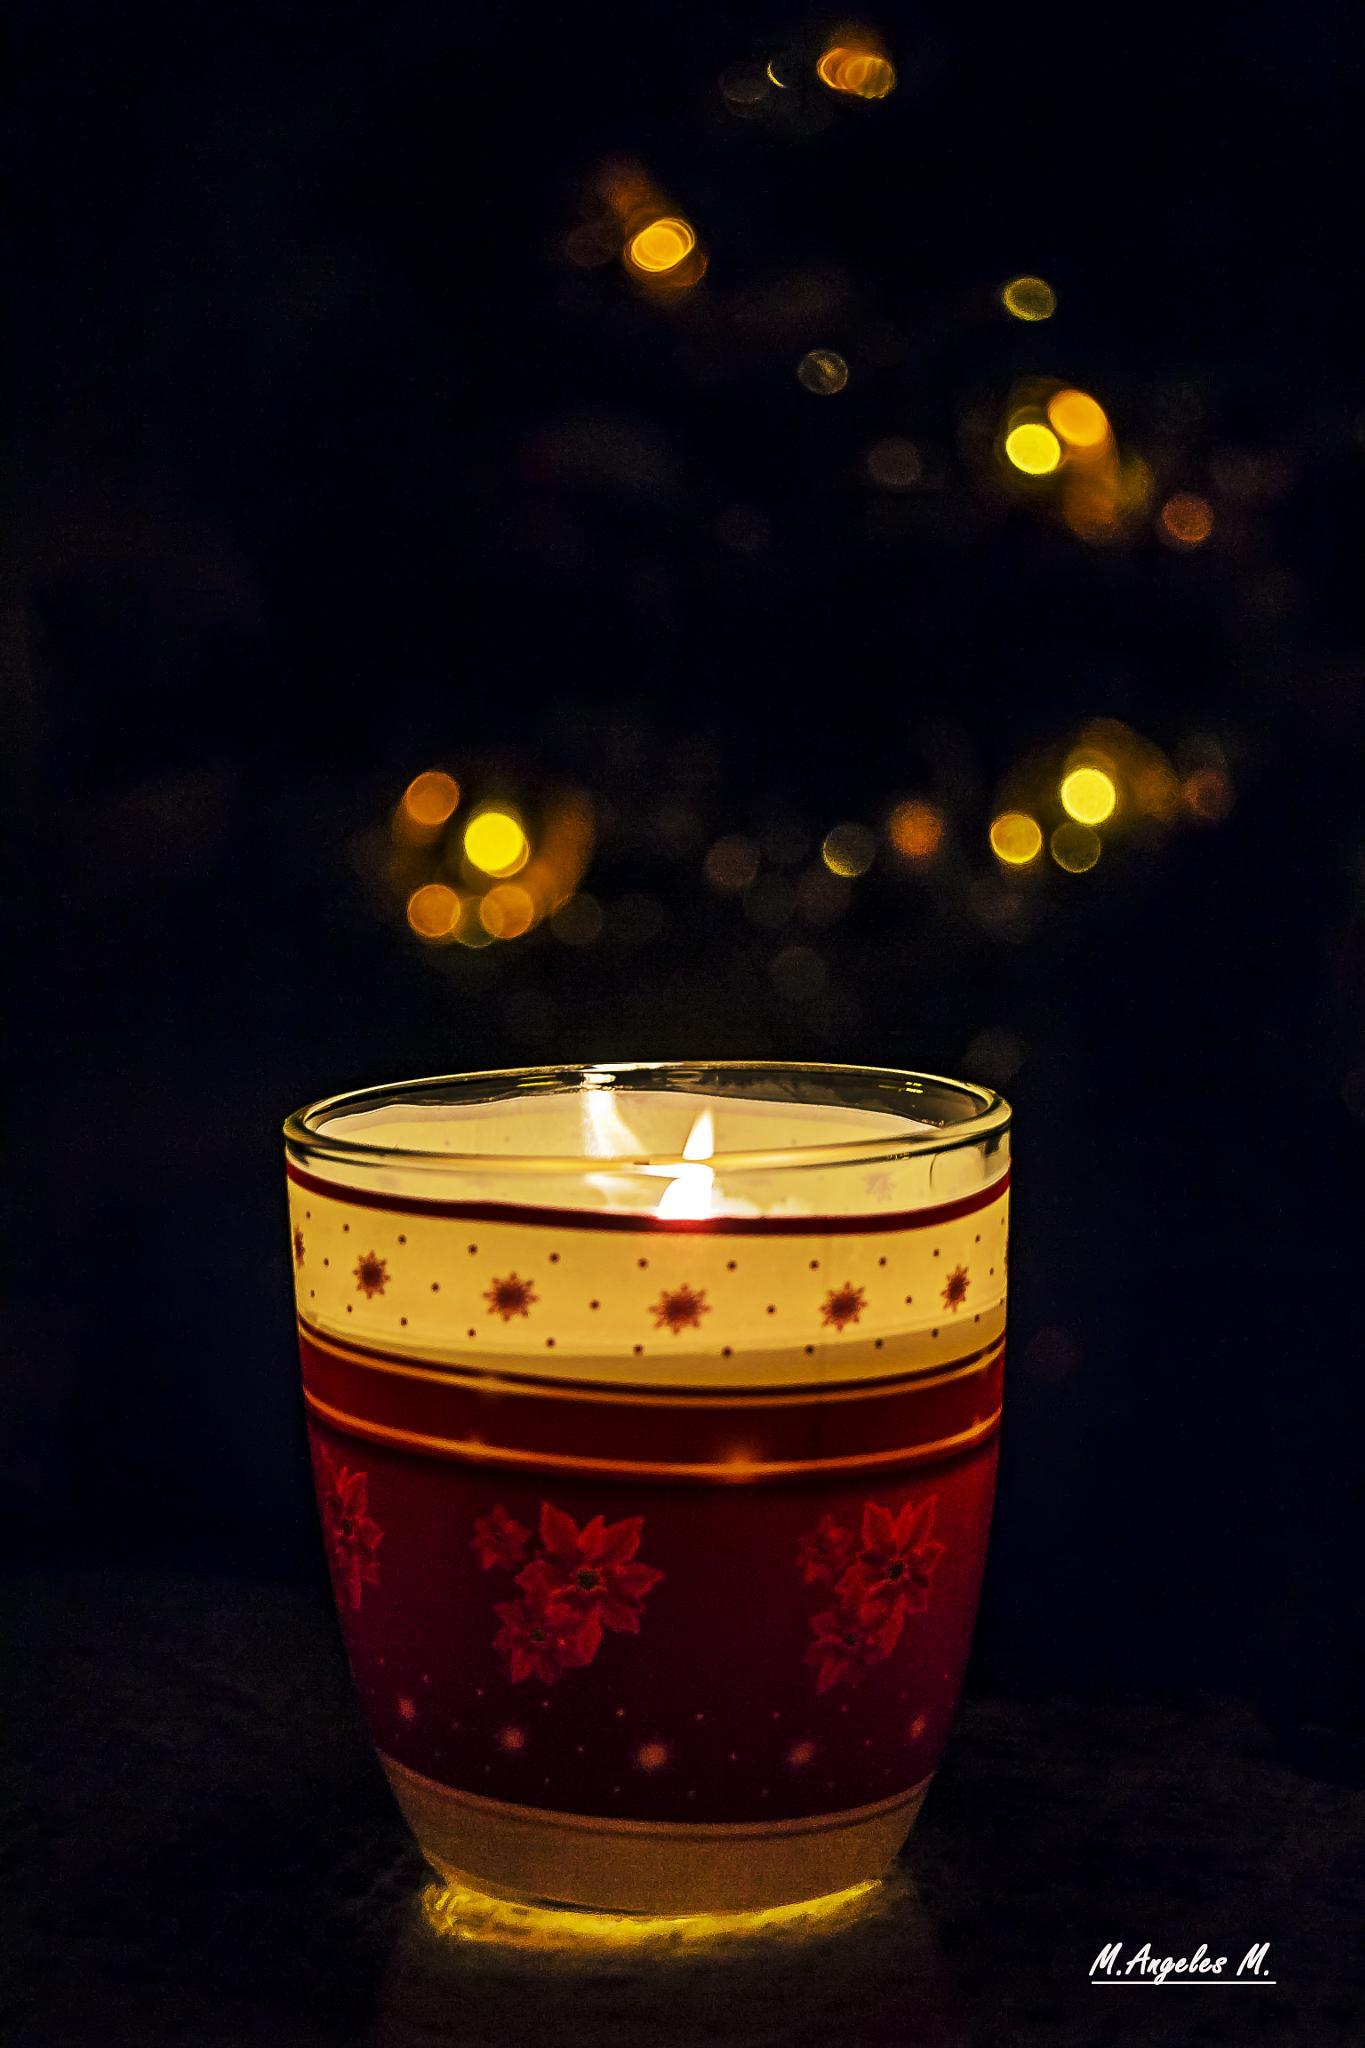 Navidad by mamm04